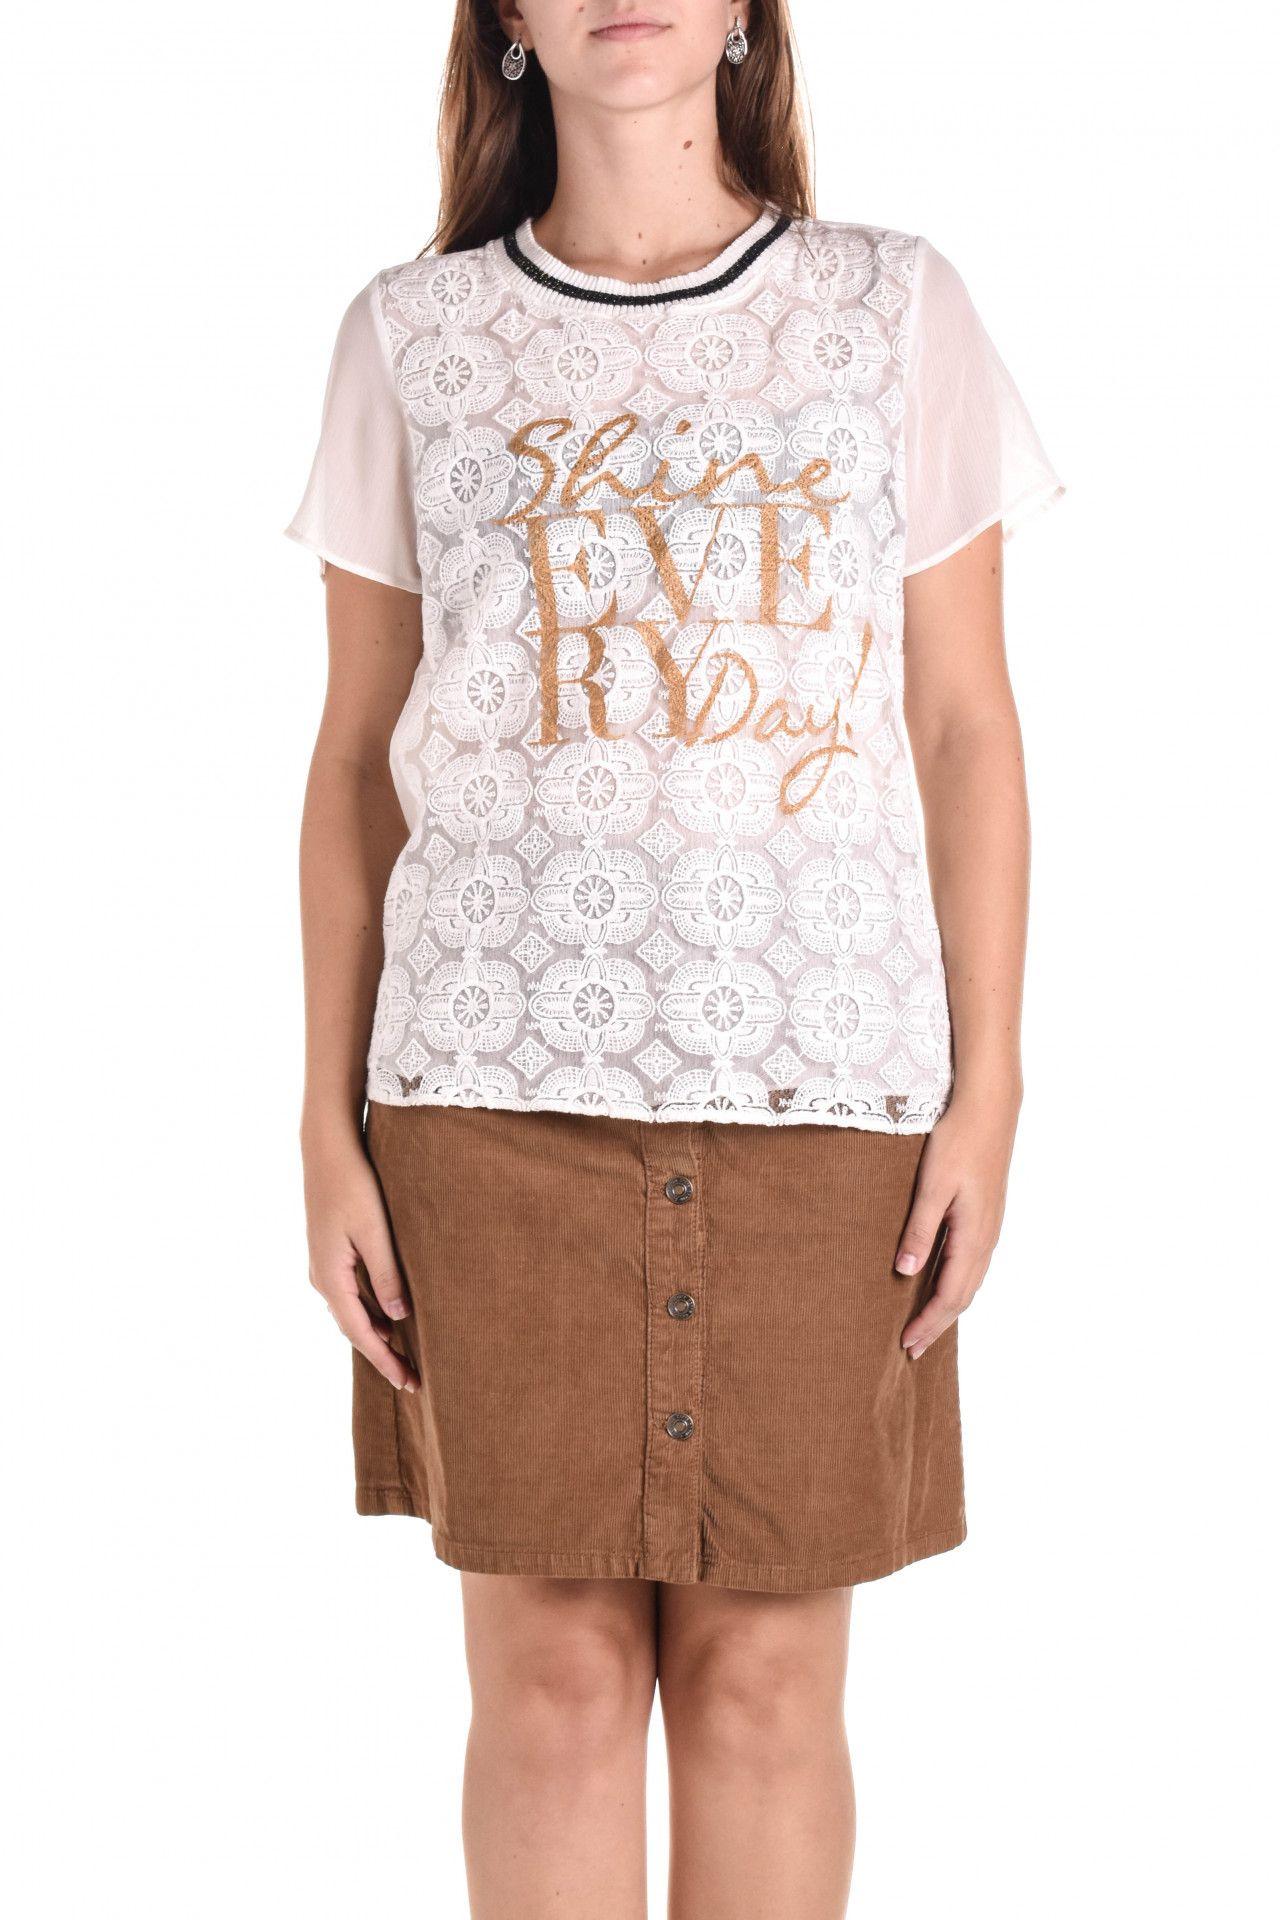 Damyller - Camiseta Branca Renda  - Foto 2